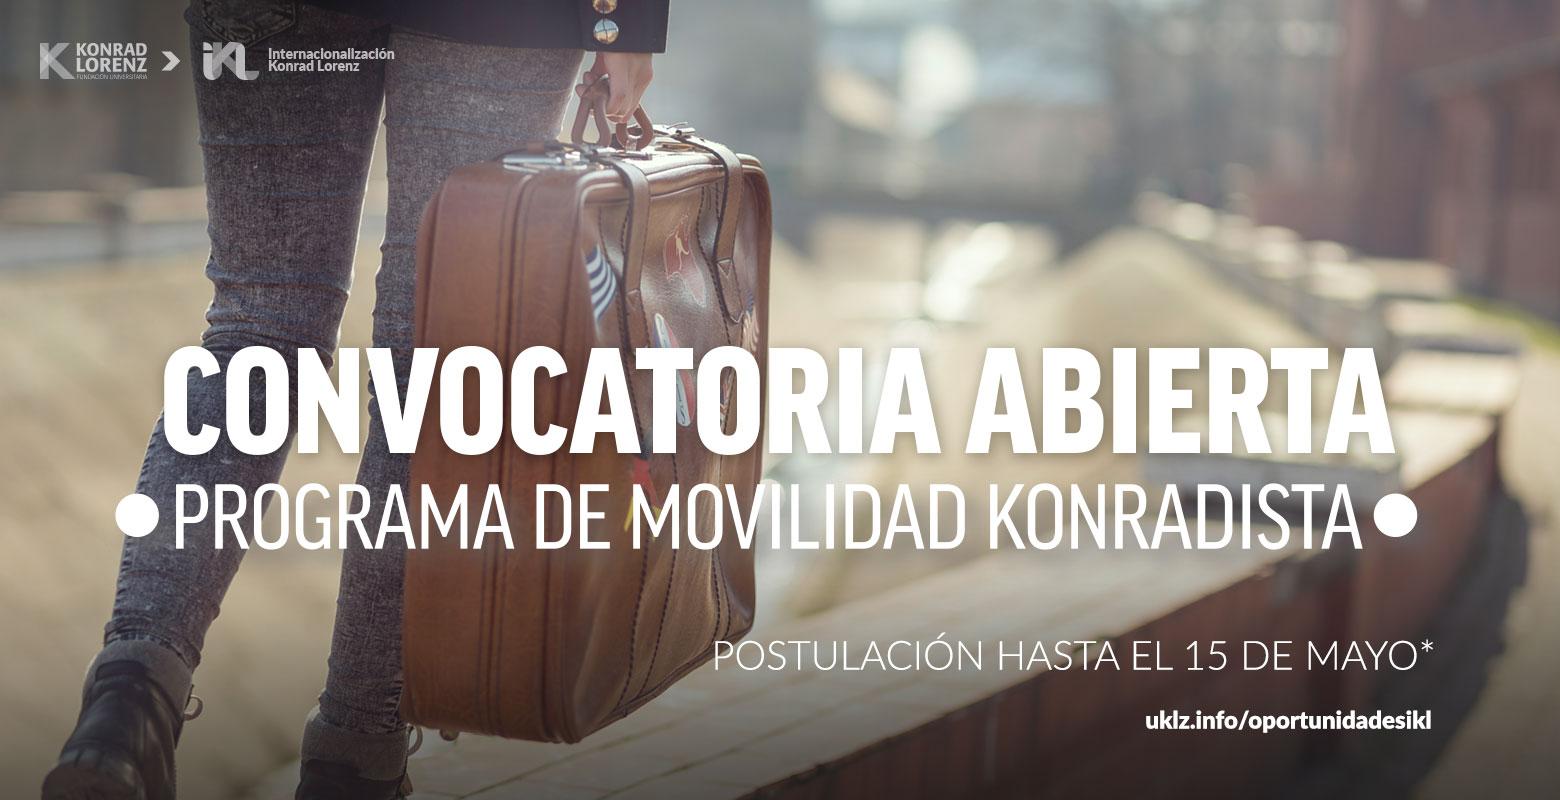 Convocatoria abierta para el Programa de Movilidad Konradista